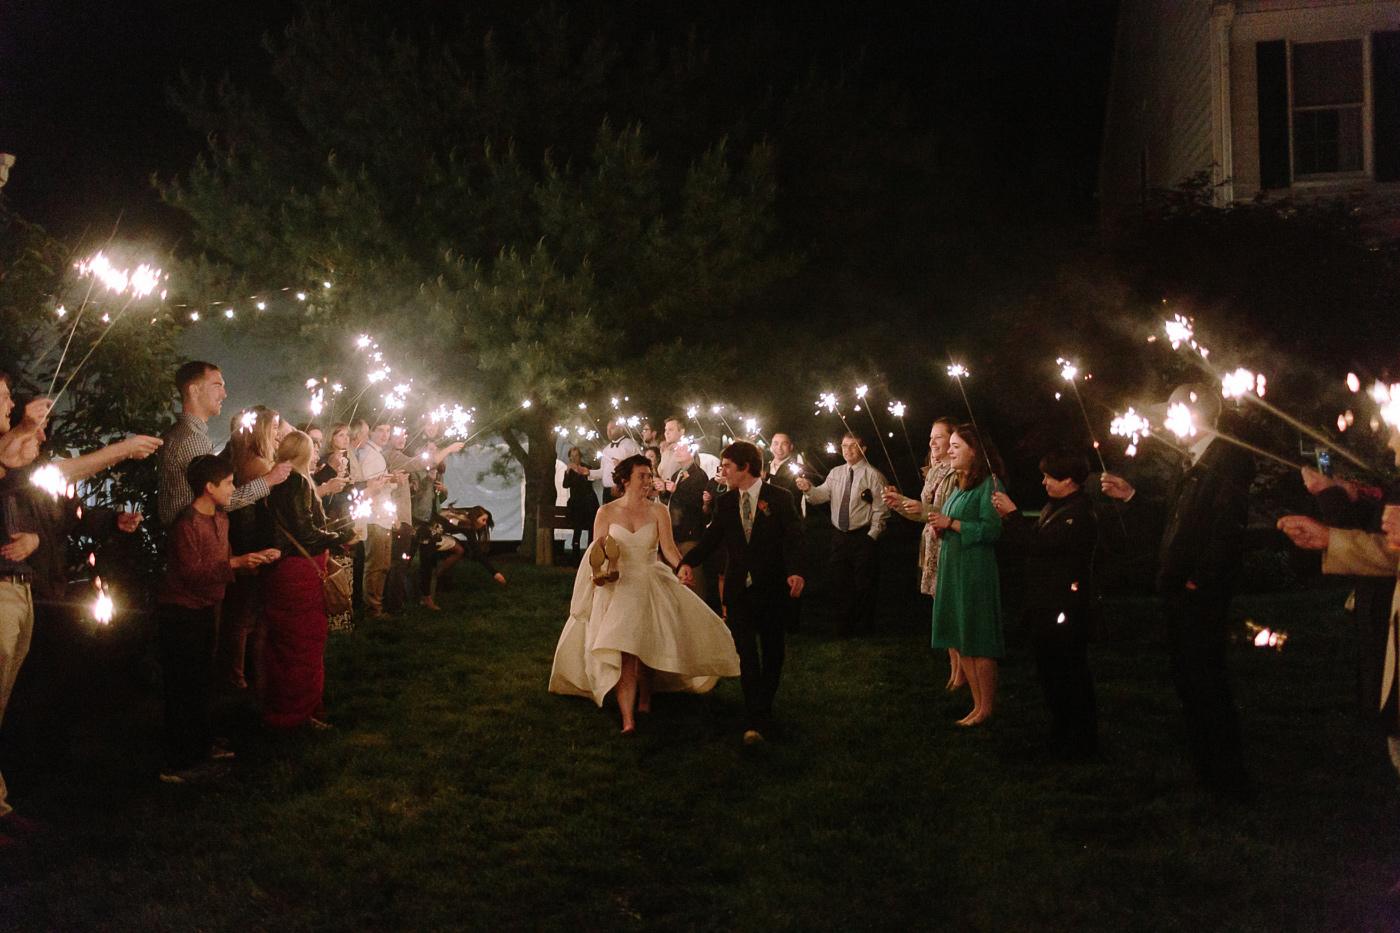 Bride and groom sparkler sendoff